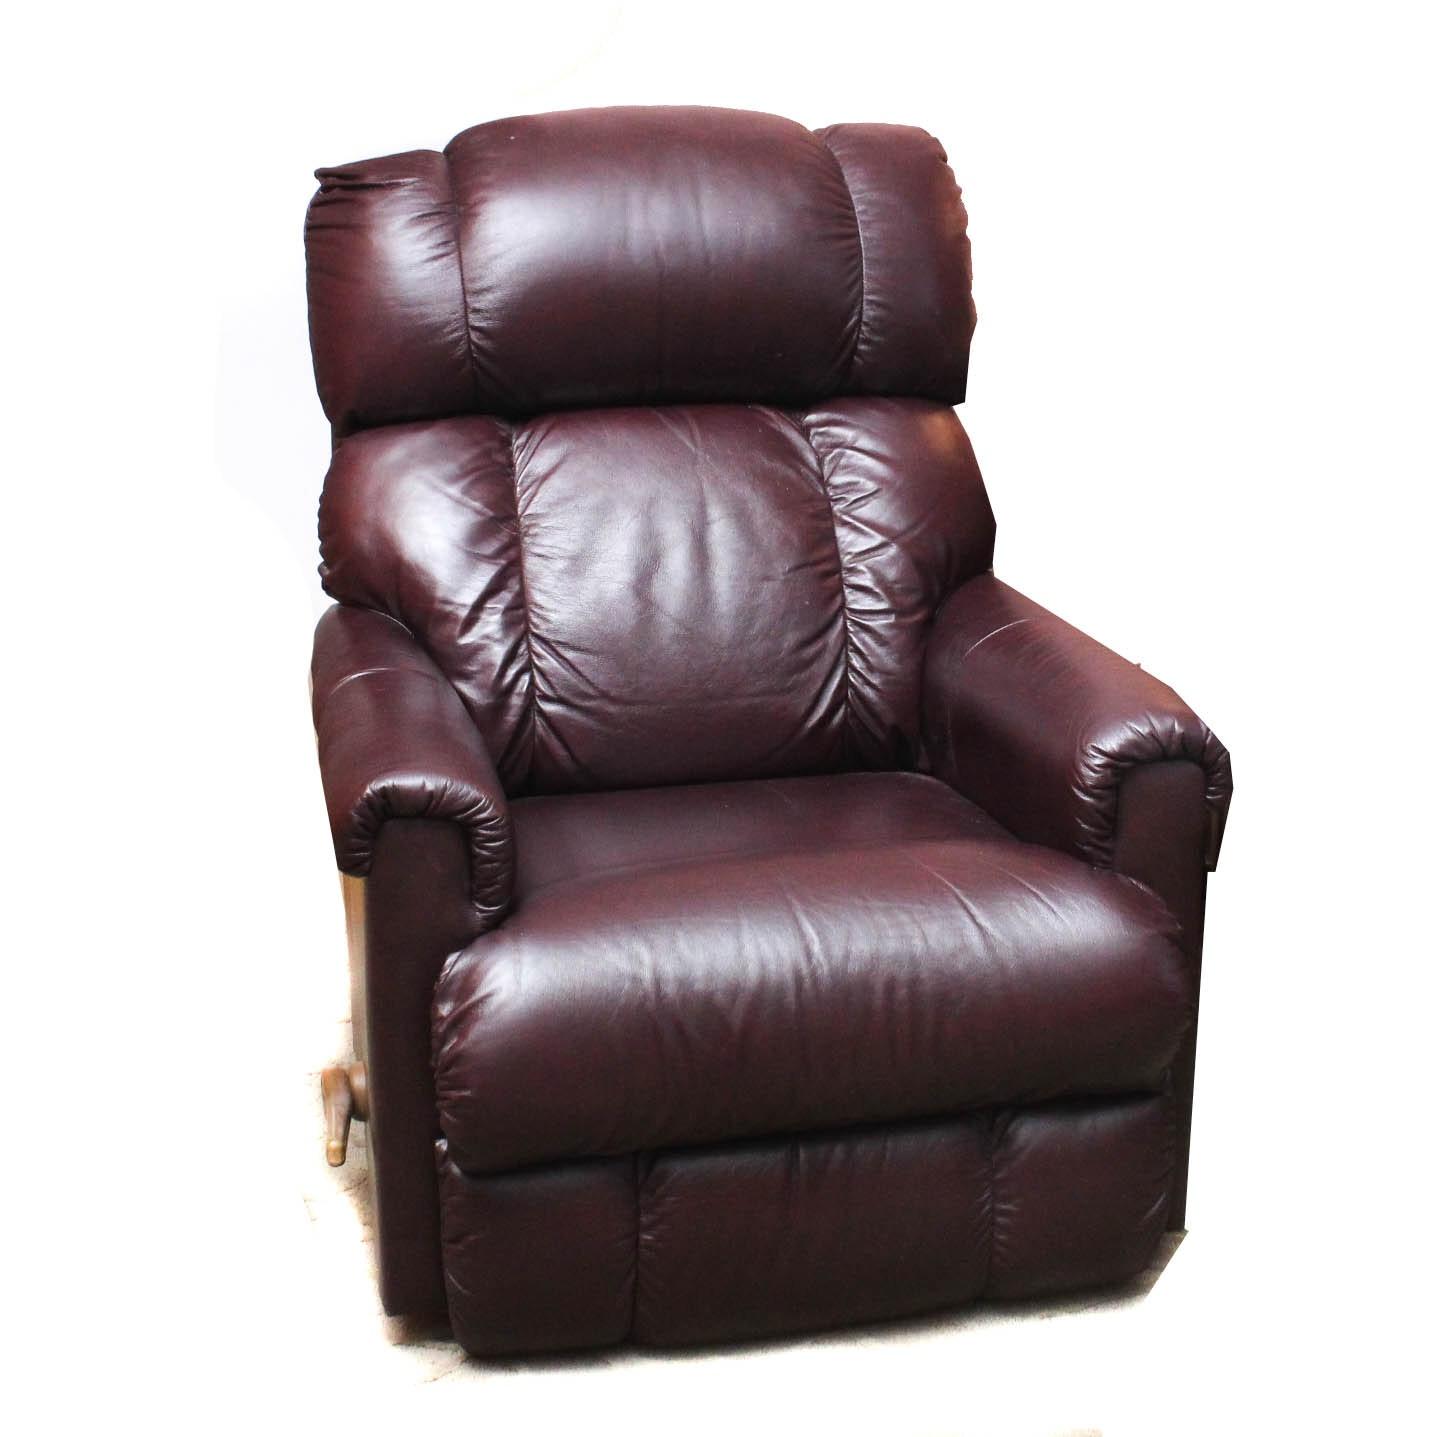 Leather La-Z-Boy Recliner